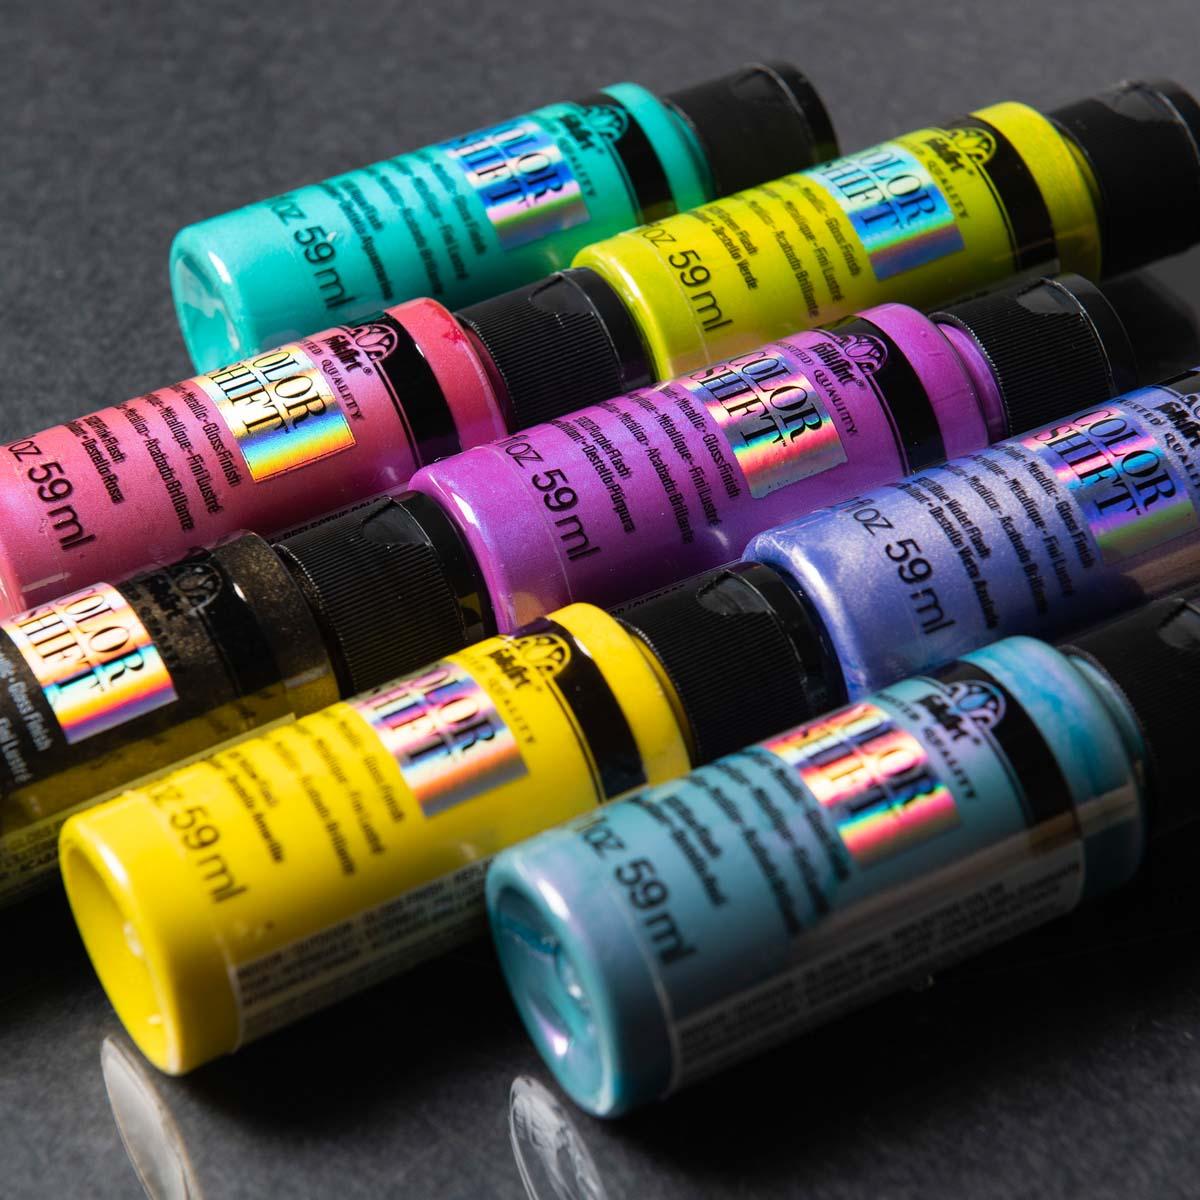 FolkArt ® Color Shift™ Acrylic Paint Set 8 Color - PROMOCS8